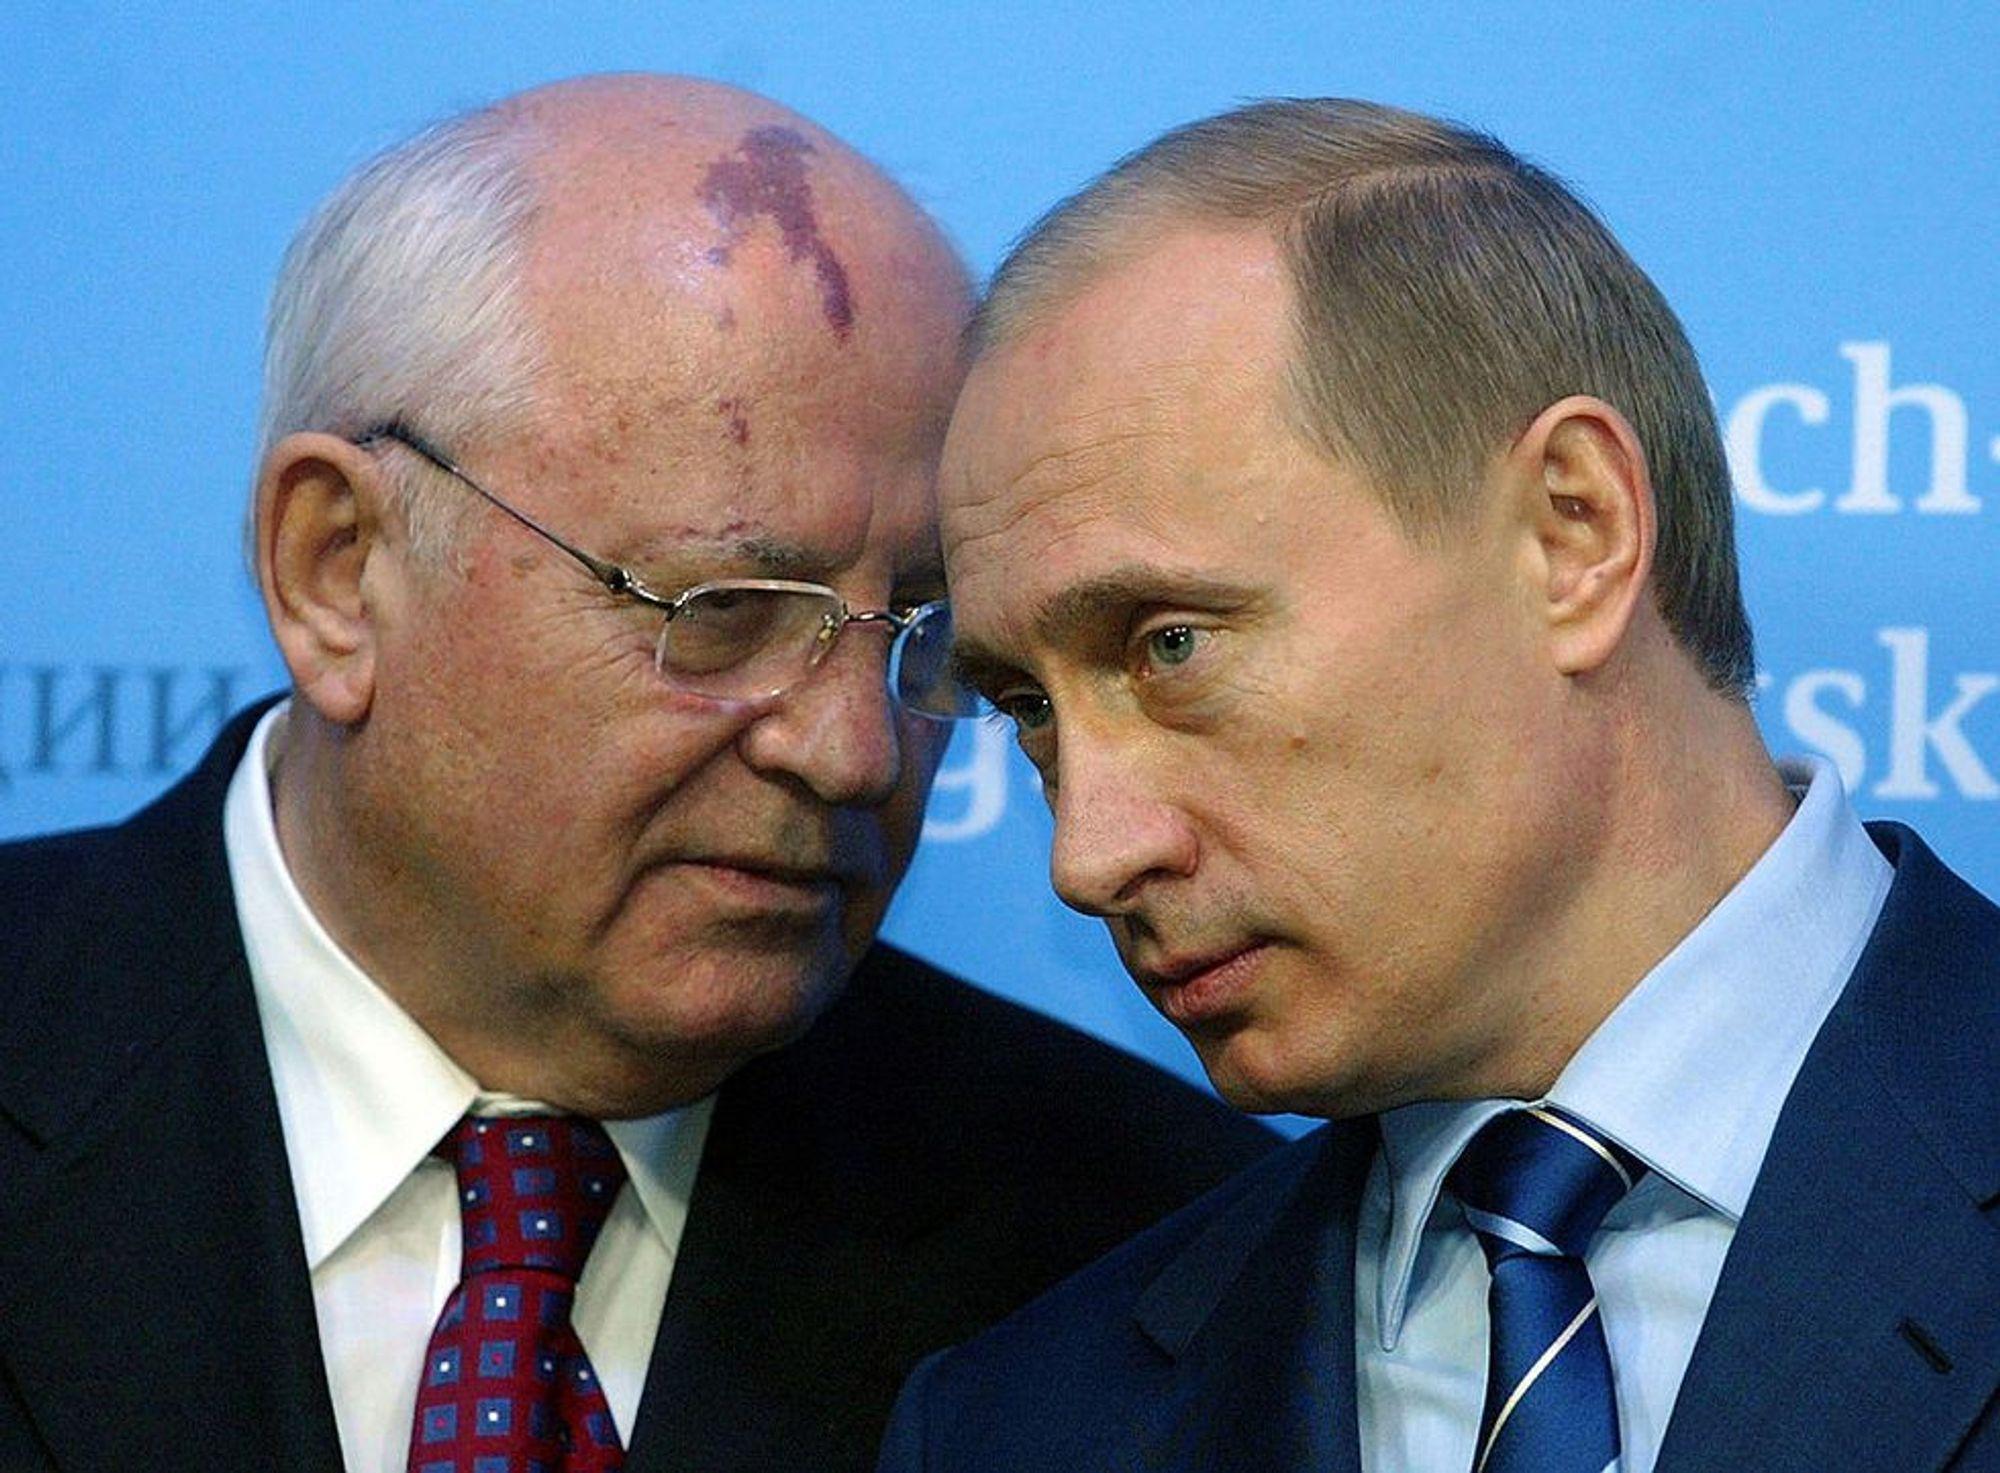 Putin, l'Urss e il tradimento di Eltsin: parla Gorbaciov - Panorama